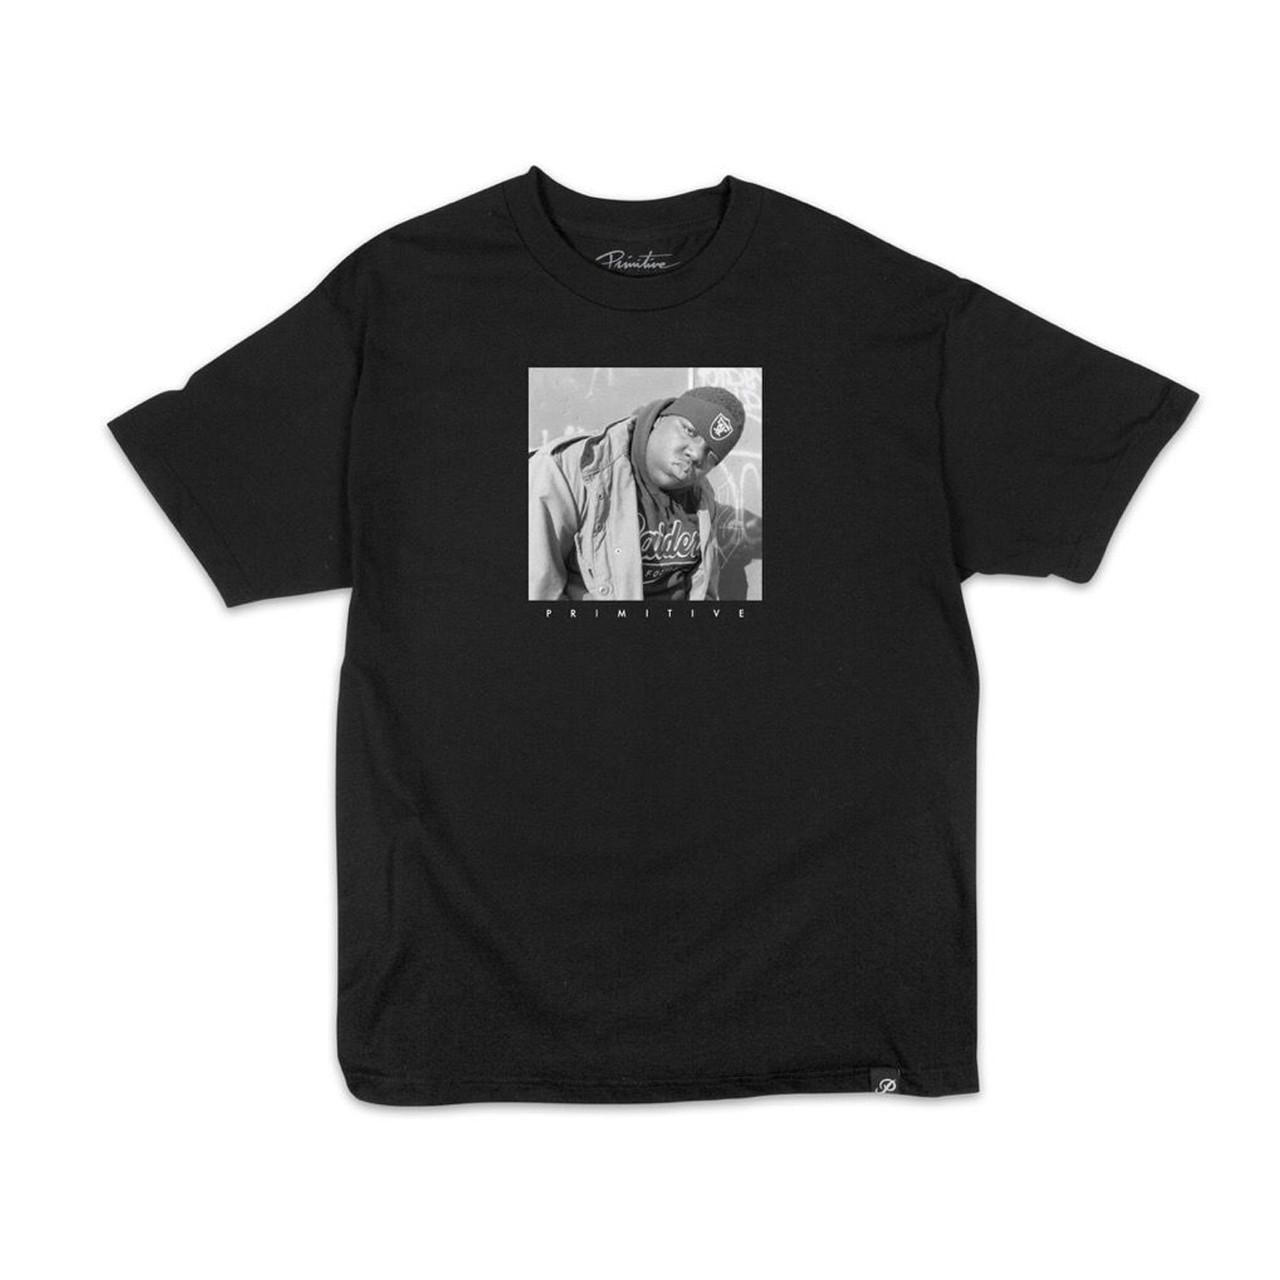 e4f1e88fb94a Primitive Shirt BIGGIE RAIDERS BLACK